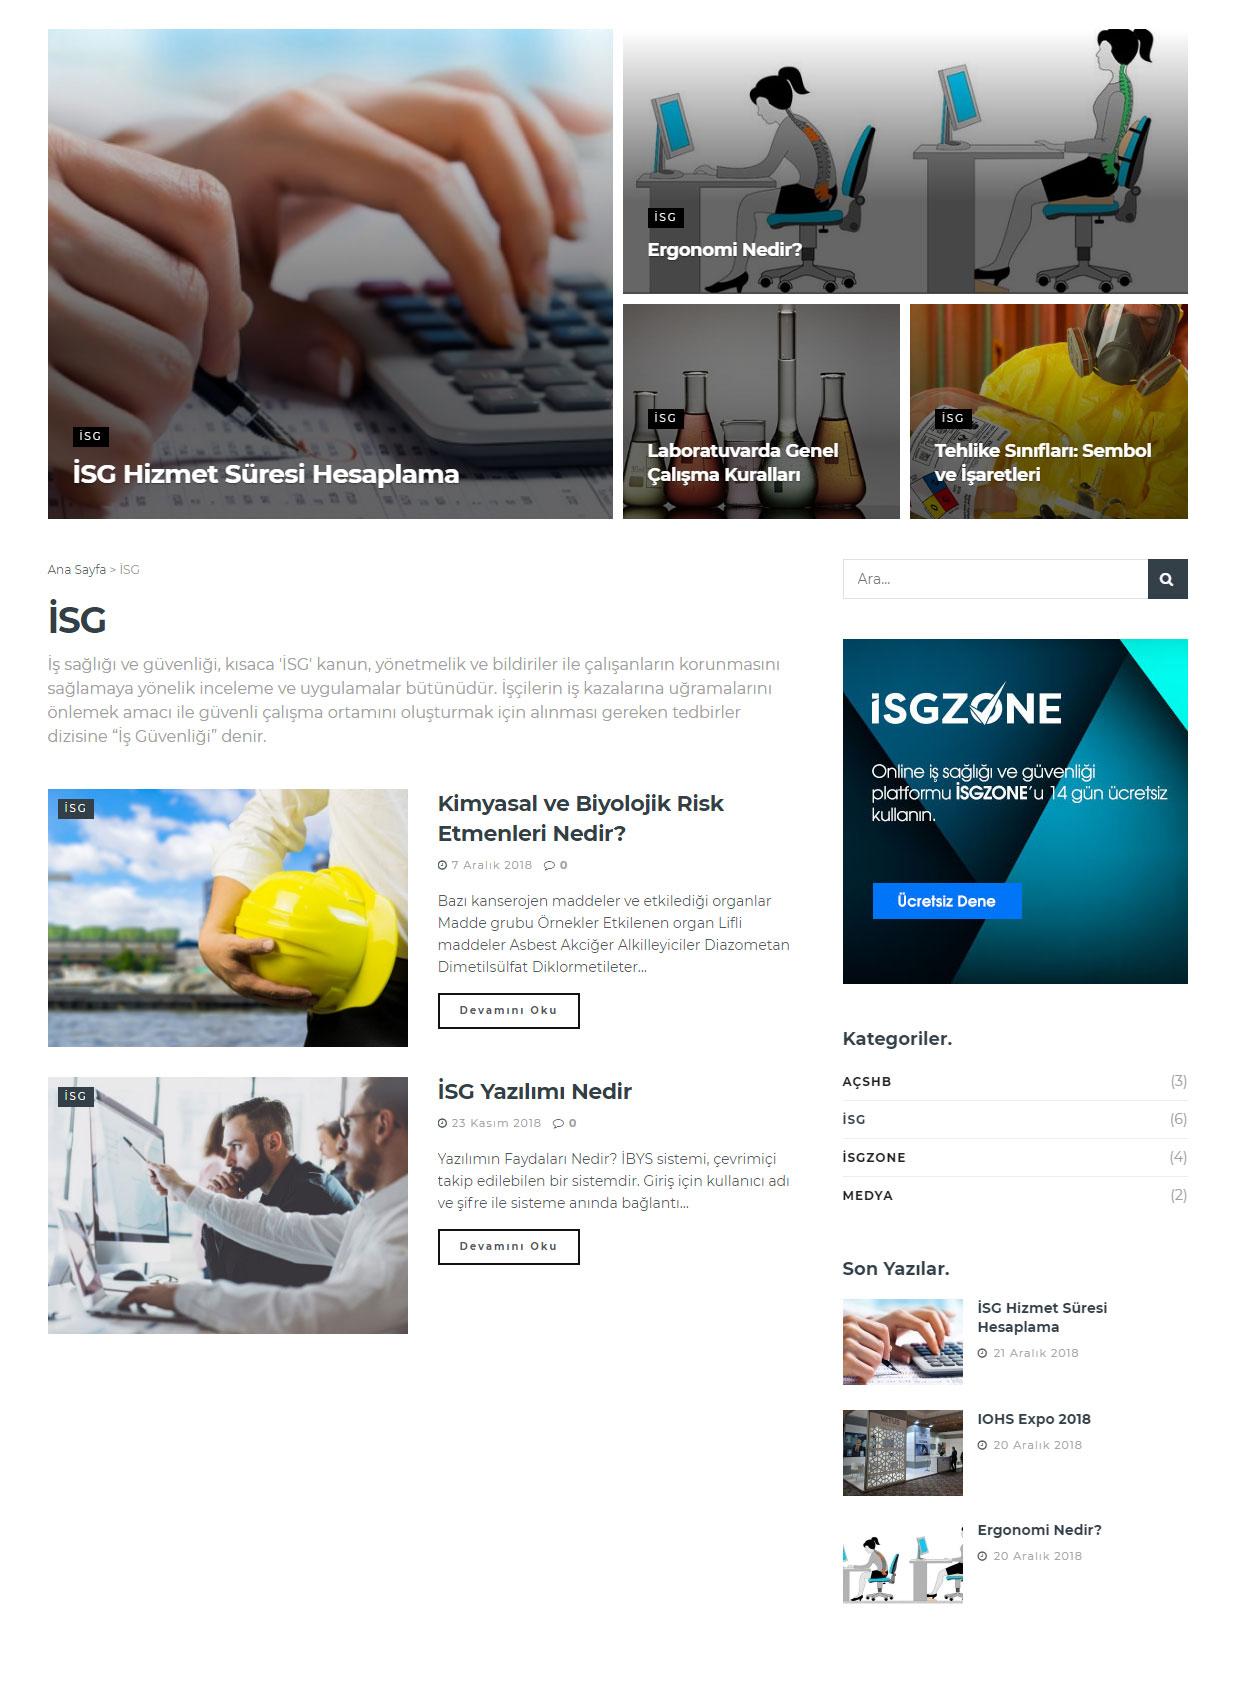 İSG, İş Sağlığı ve Güvenliği Kategori Sayfası